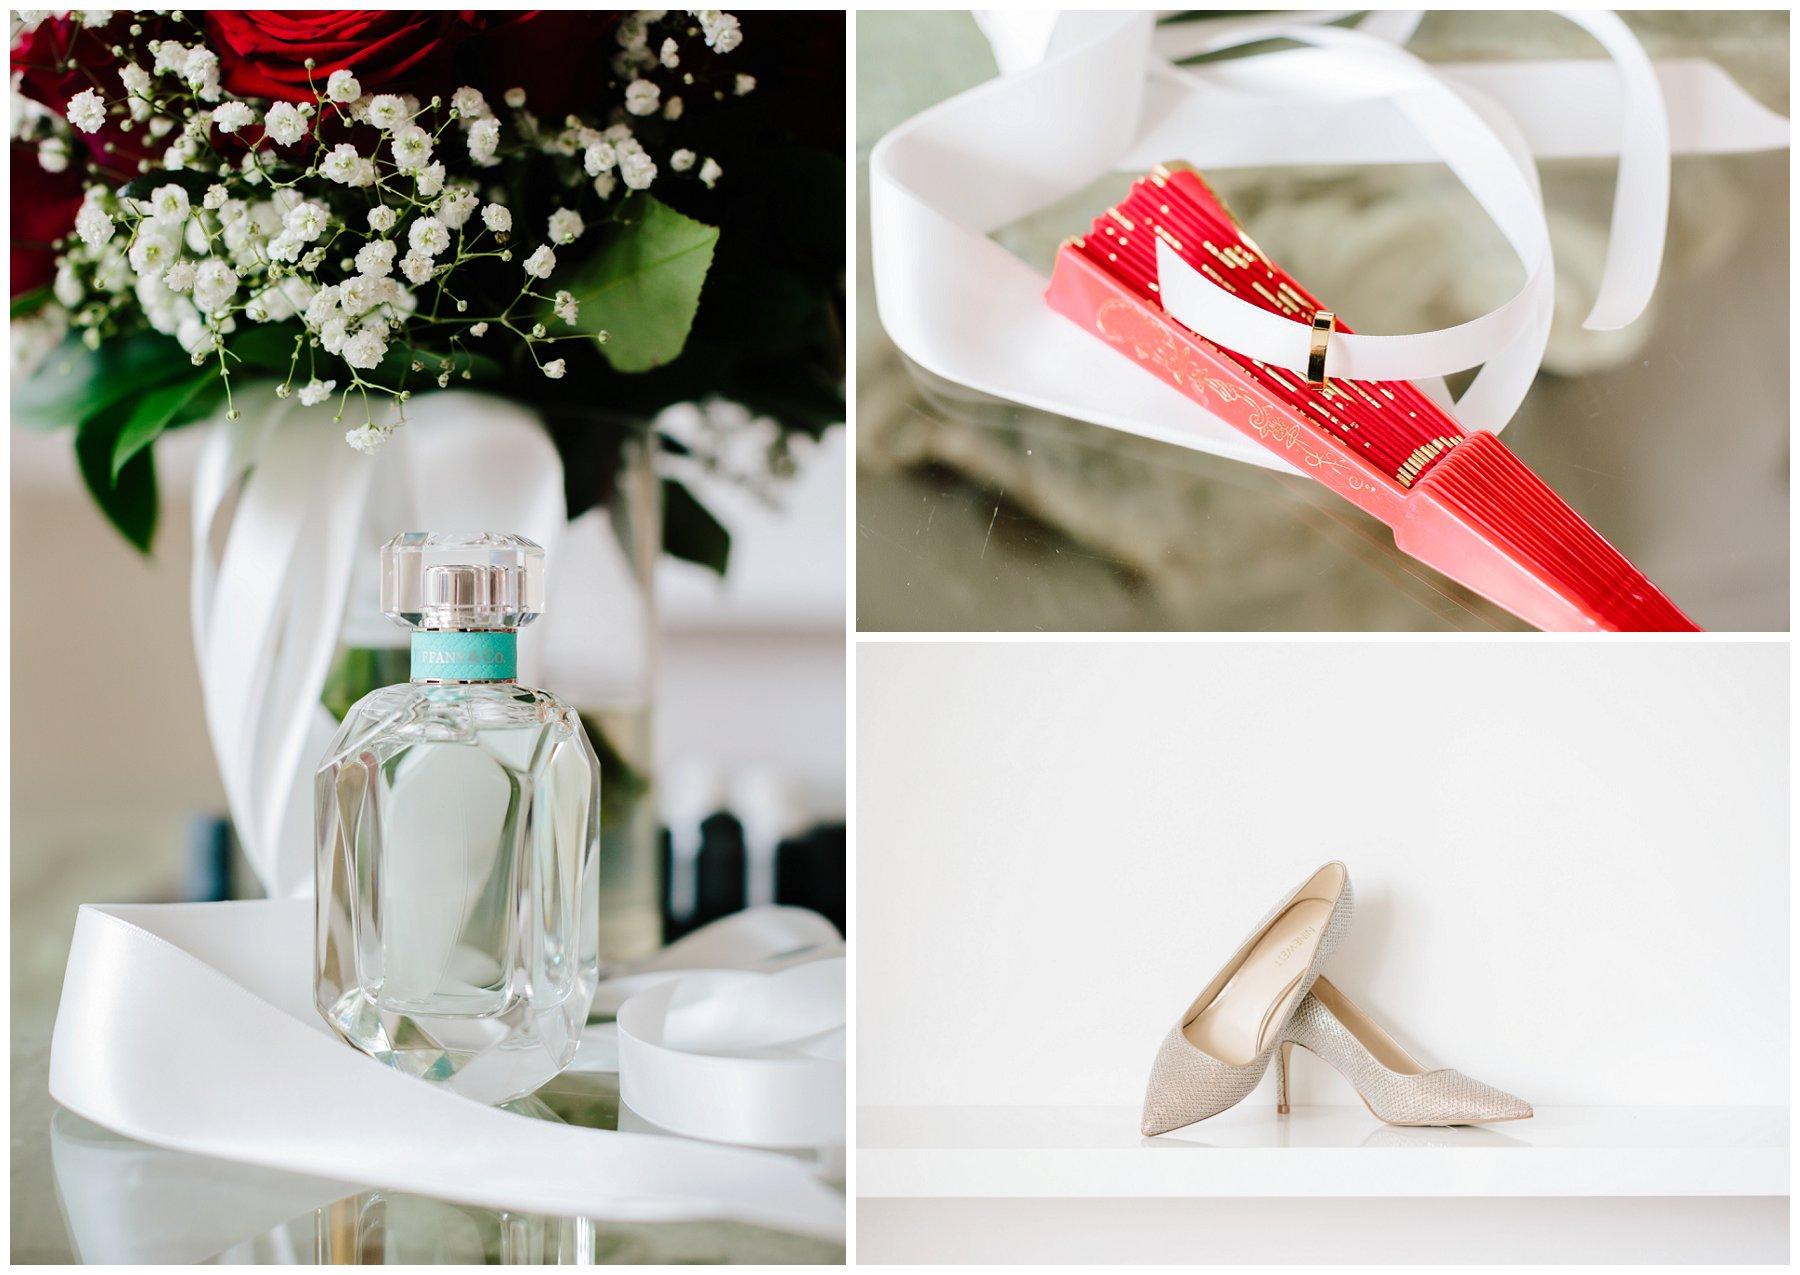 tiffany and co perfume